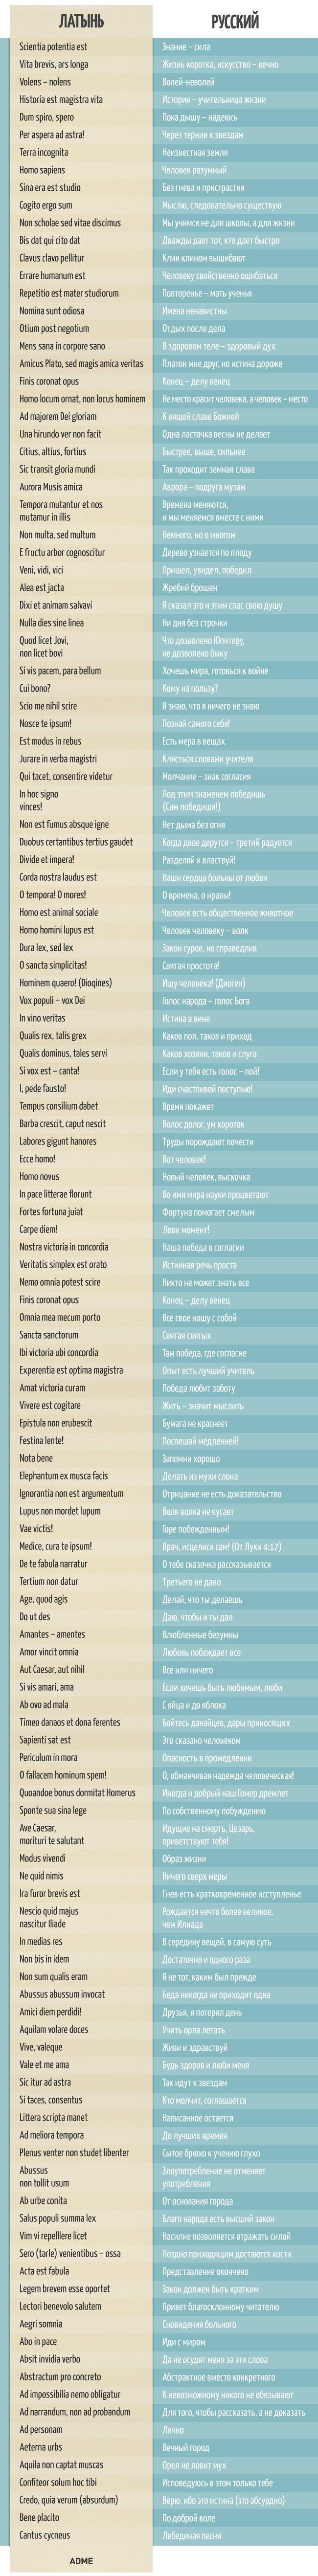 150 латинских выражений, которые актуальны как никогда